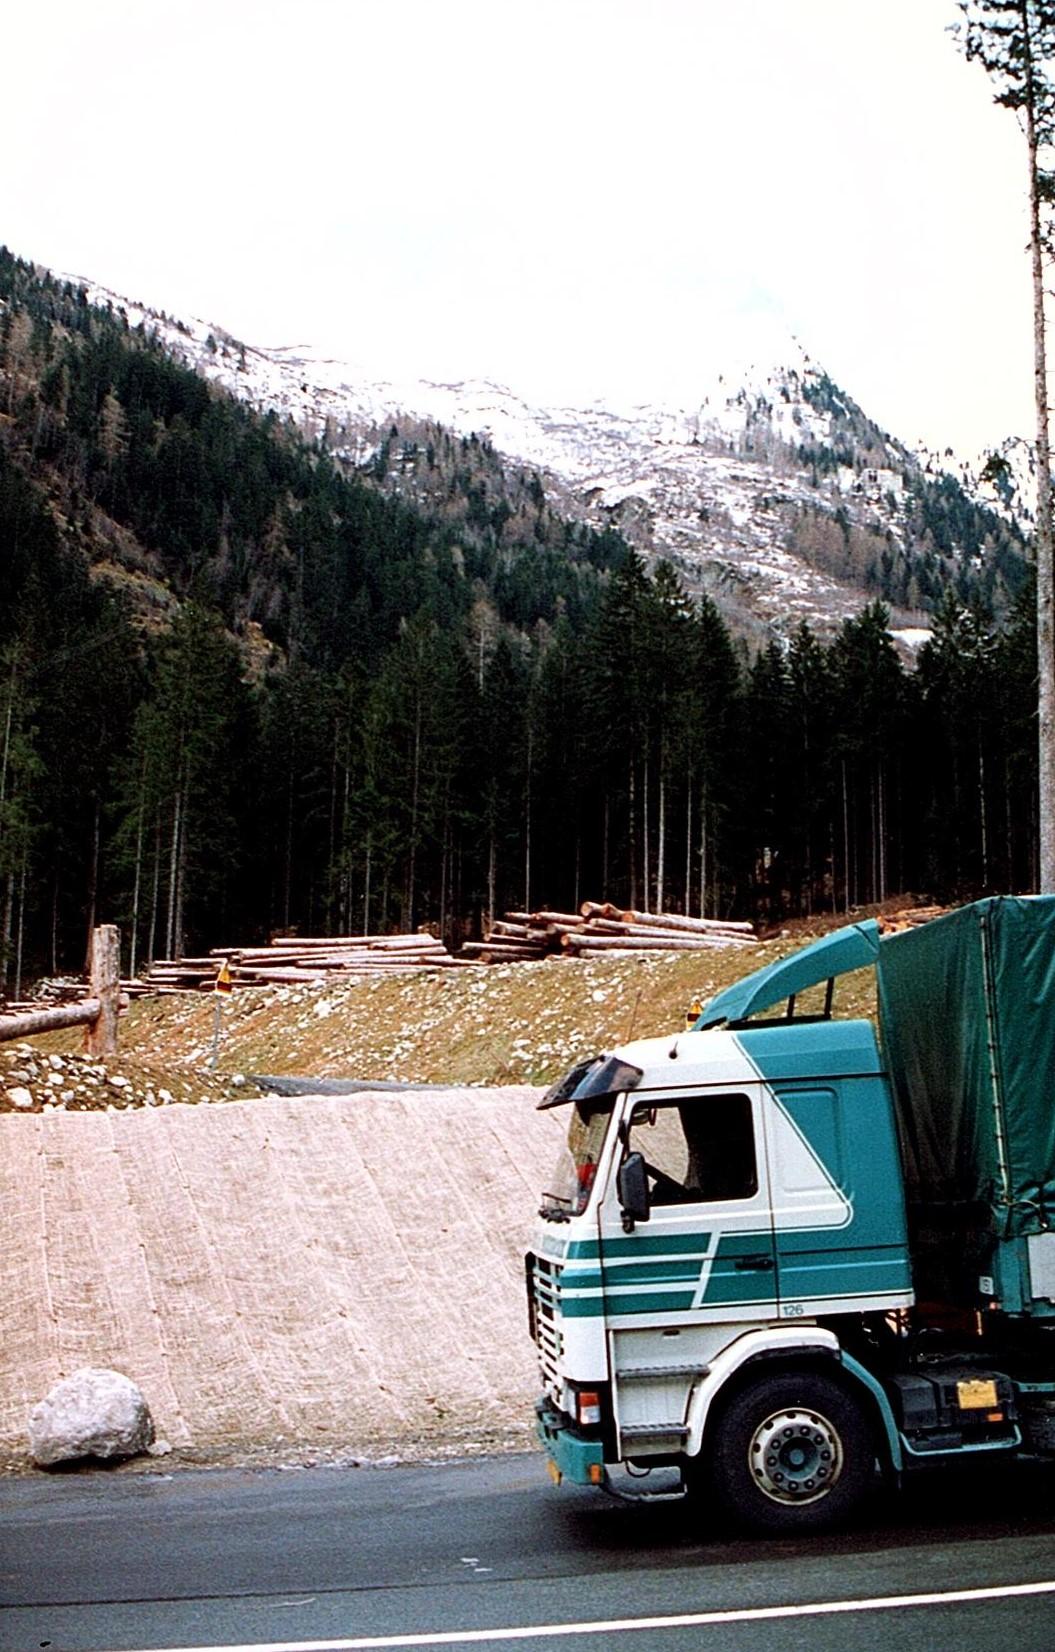 Bert-met-de-Scania-vakantie-vieren-in-Italie-21